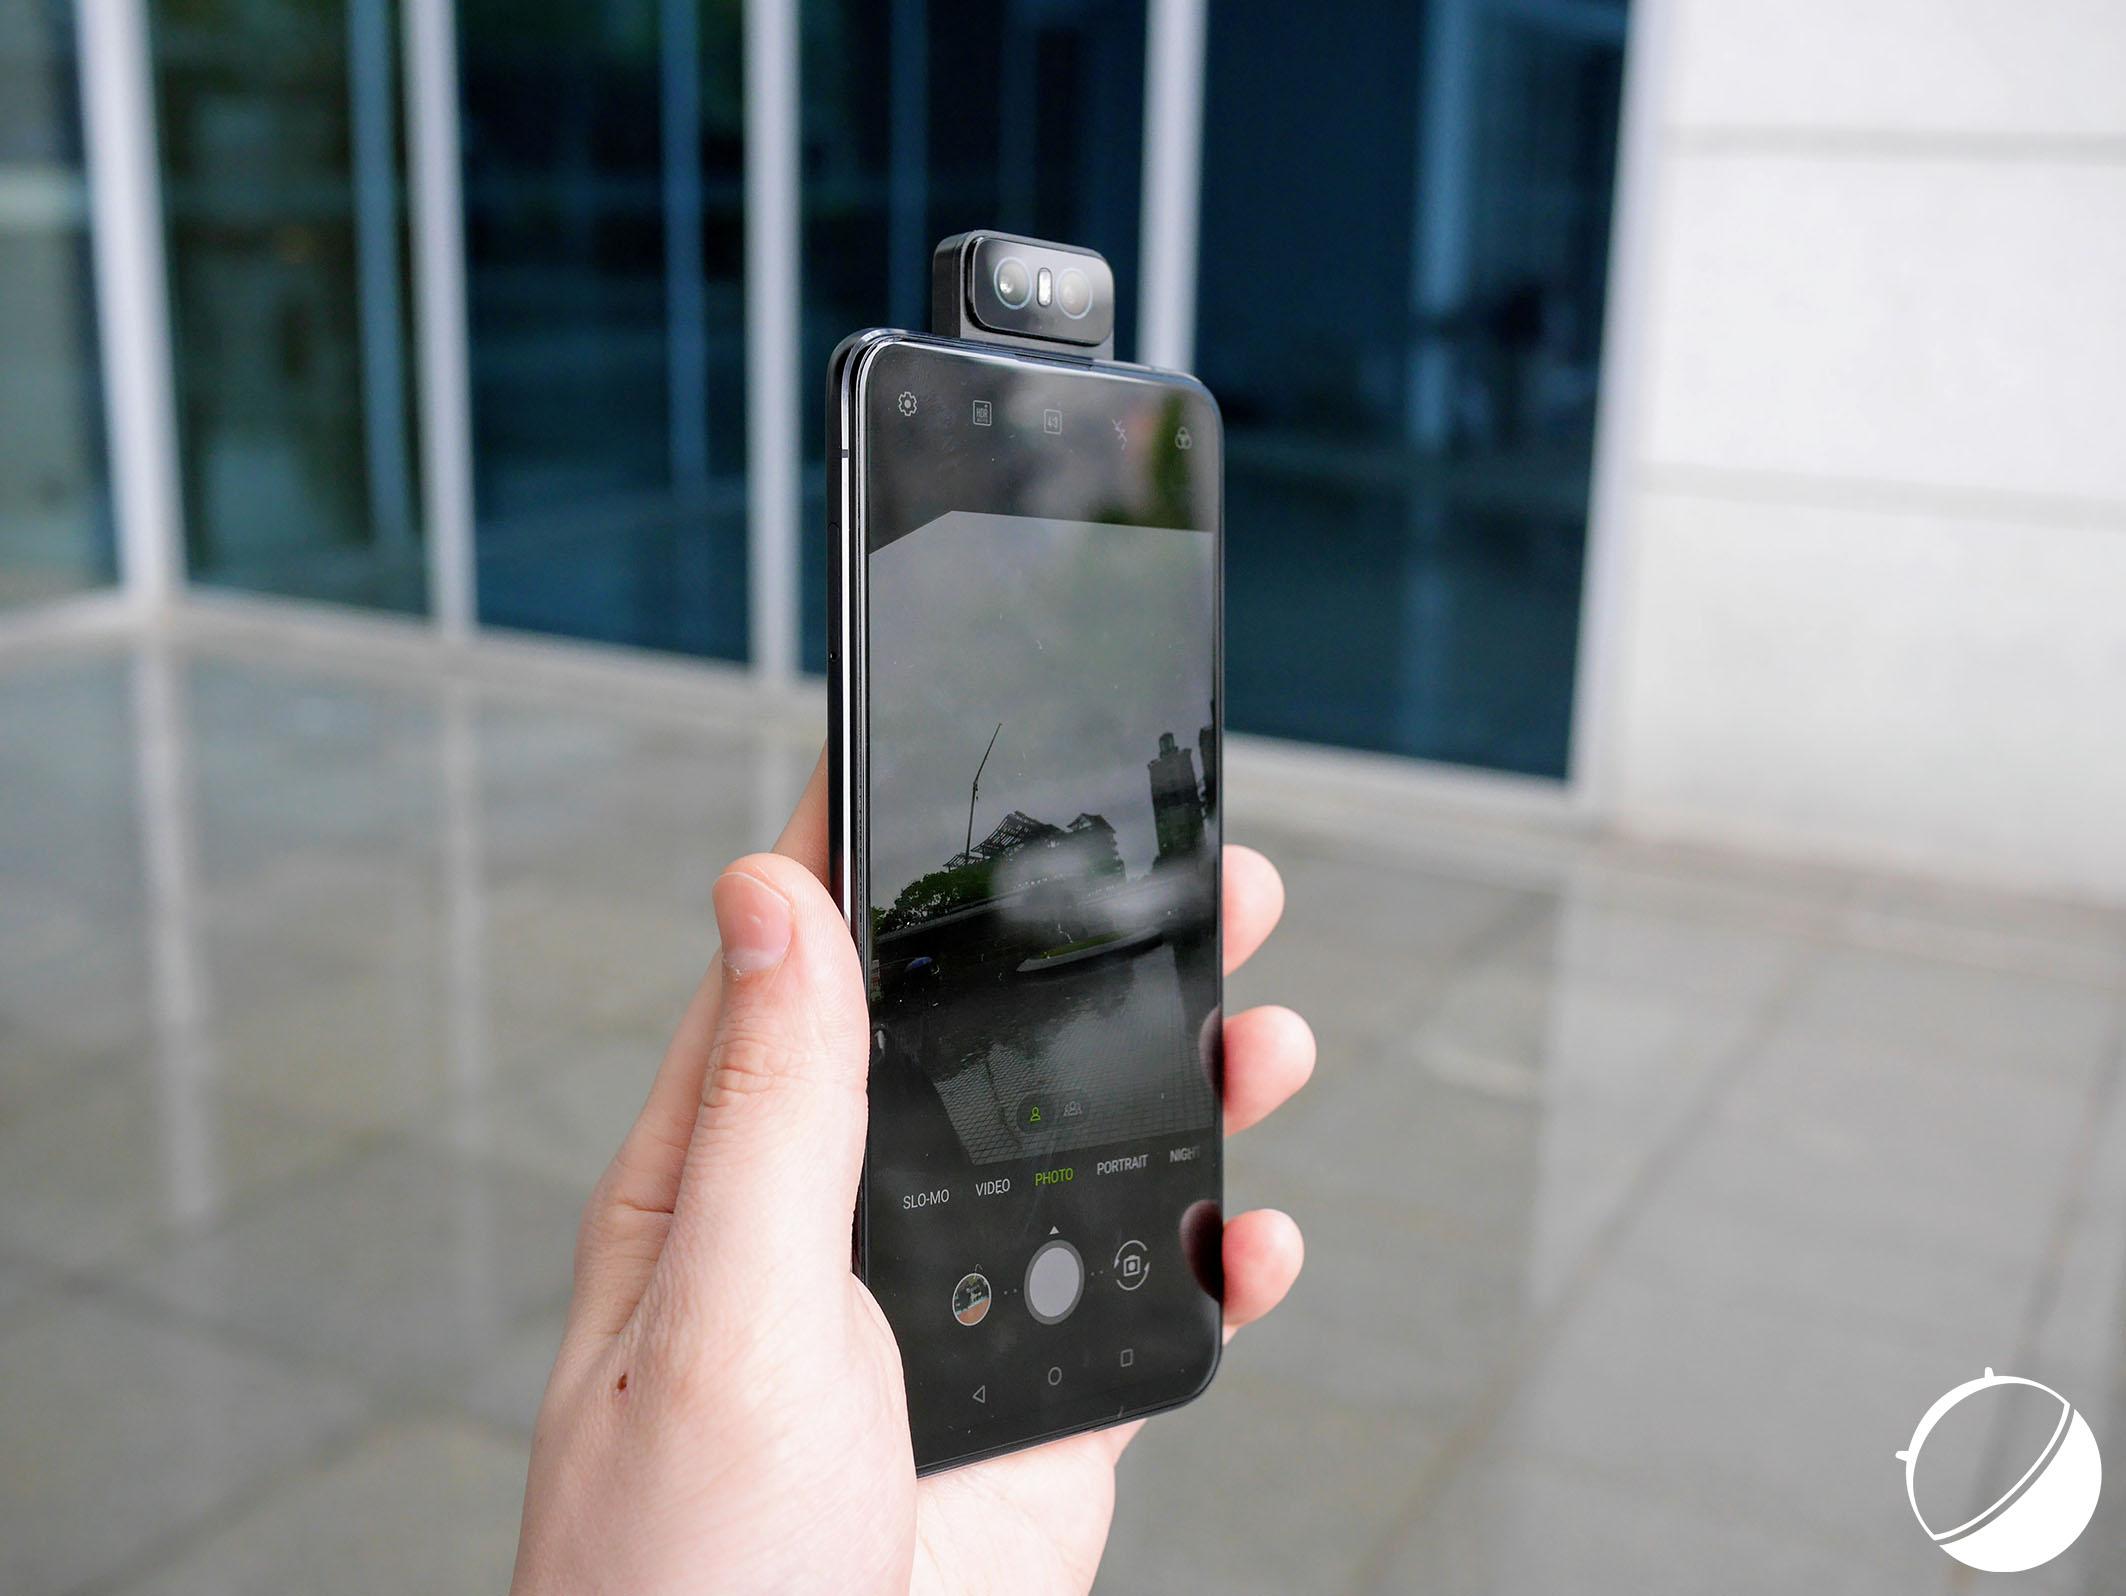 L'Asus Zenfone 6 prend les meilleurs selfies selon DxOMark et c'est assez logique